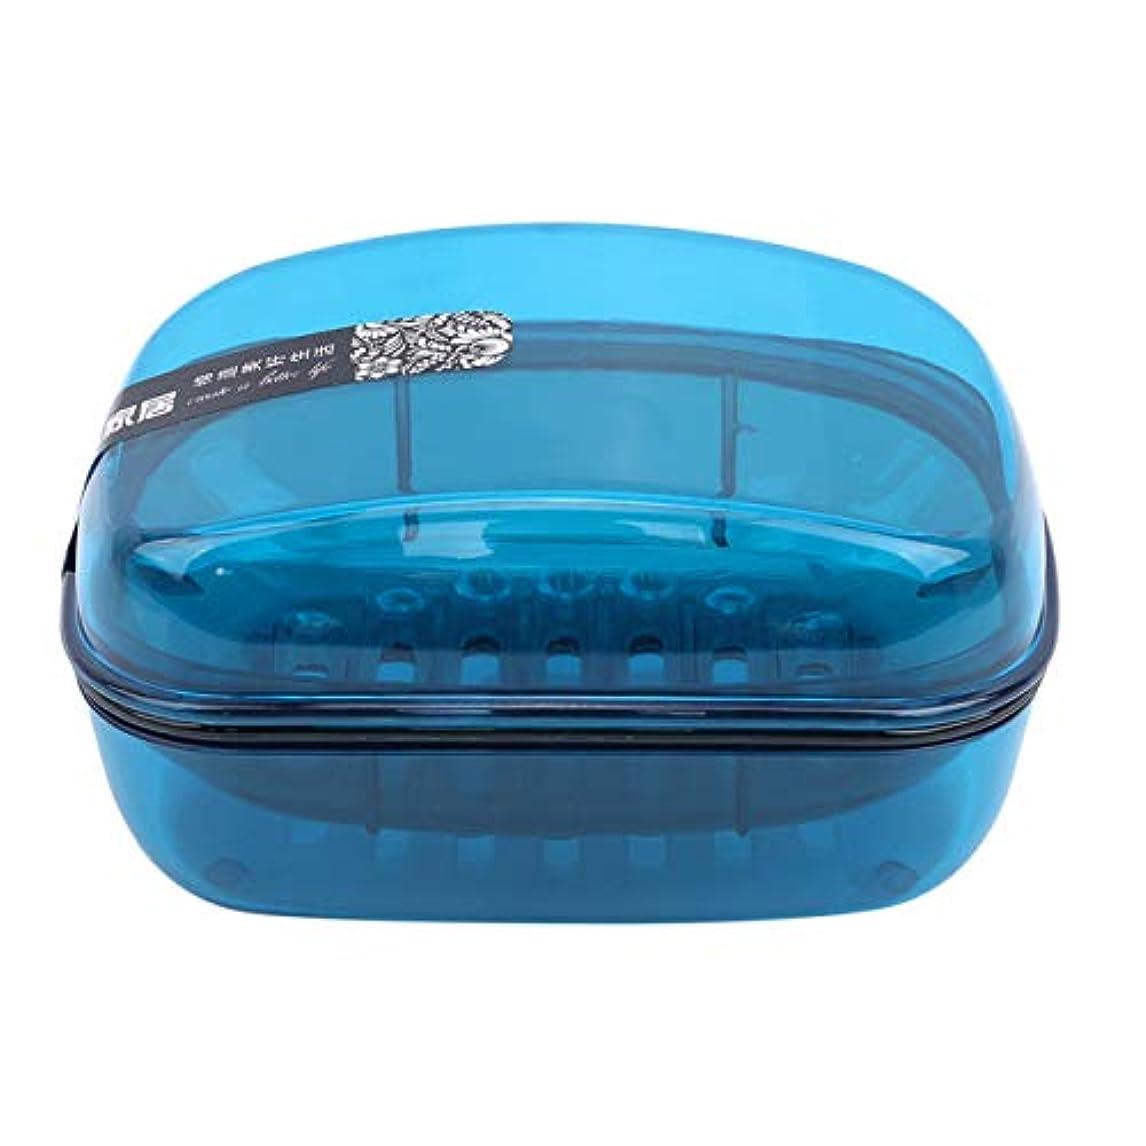 慣習ファックス人差し指ZALING石鹸収納ボックス皿バスルームアクセサリーソープボックスケースホルダー付きカバーブルー